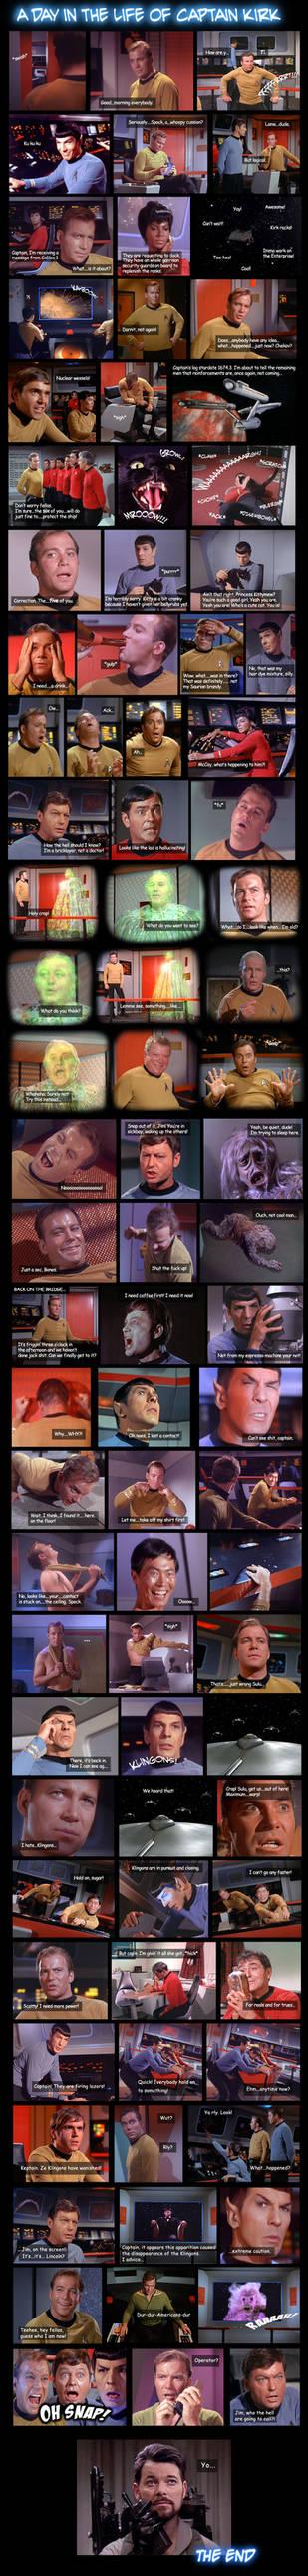 Star Trek: The Original Series